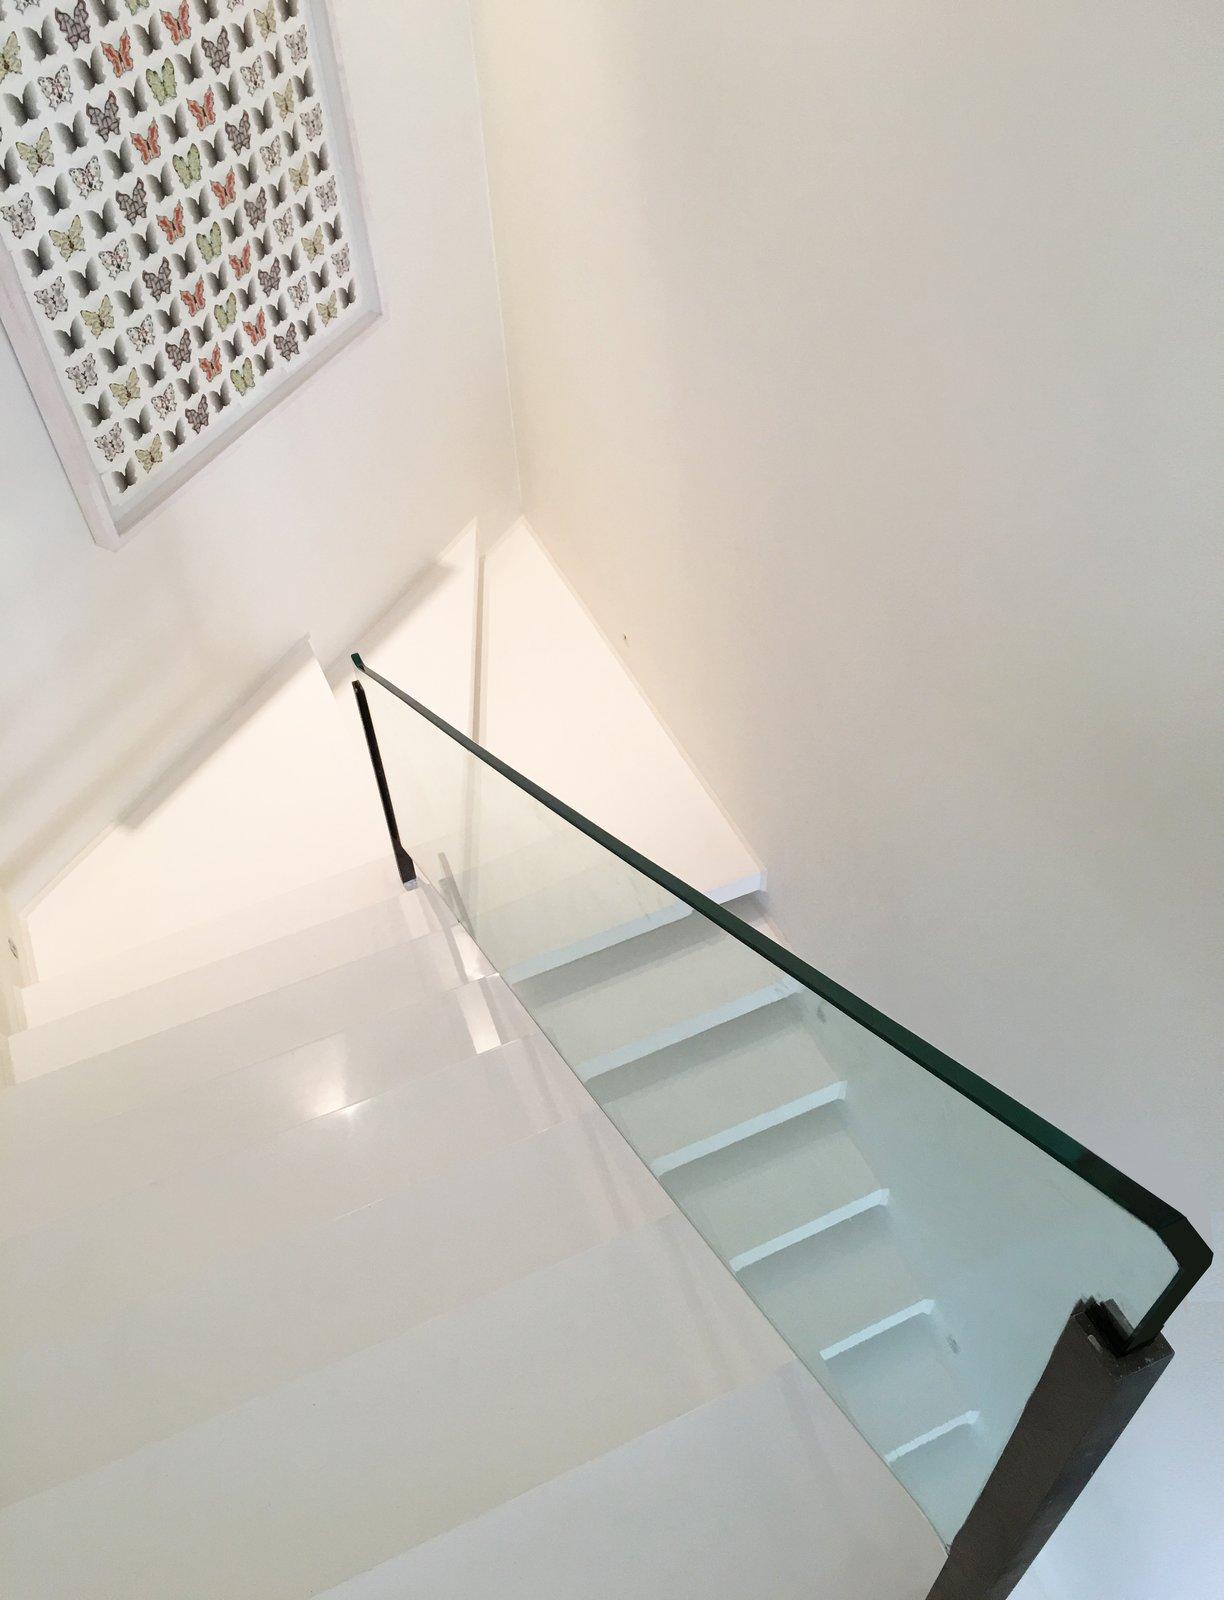 Staircase, Concrete Tread, and Glass Railing  Lavasan Villa by Hariri & Hariri Architecture